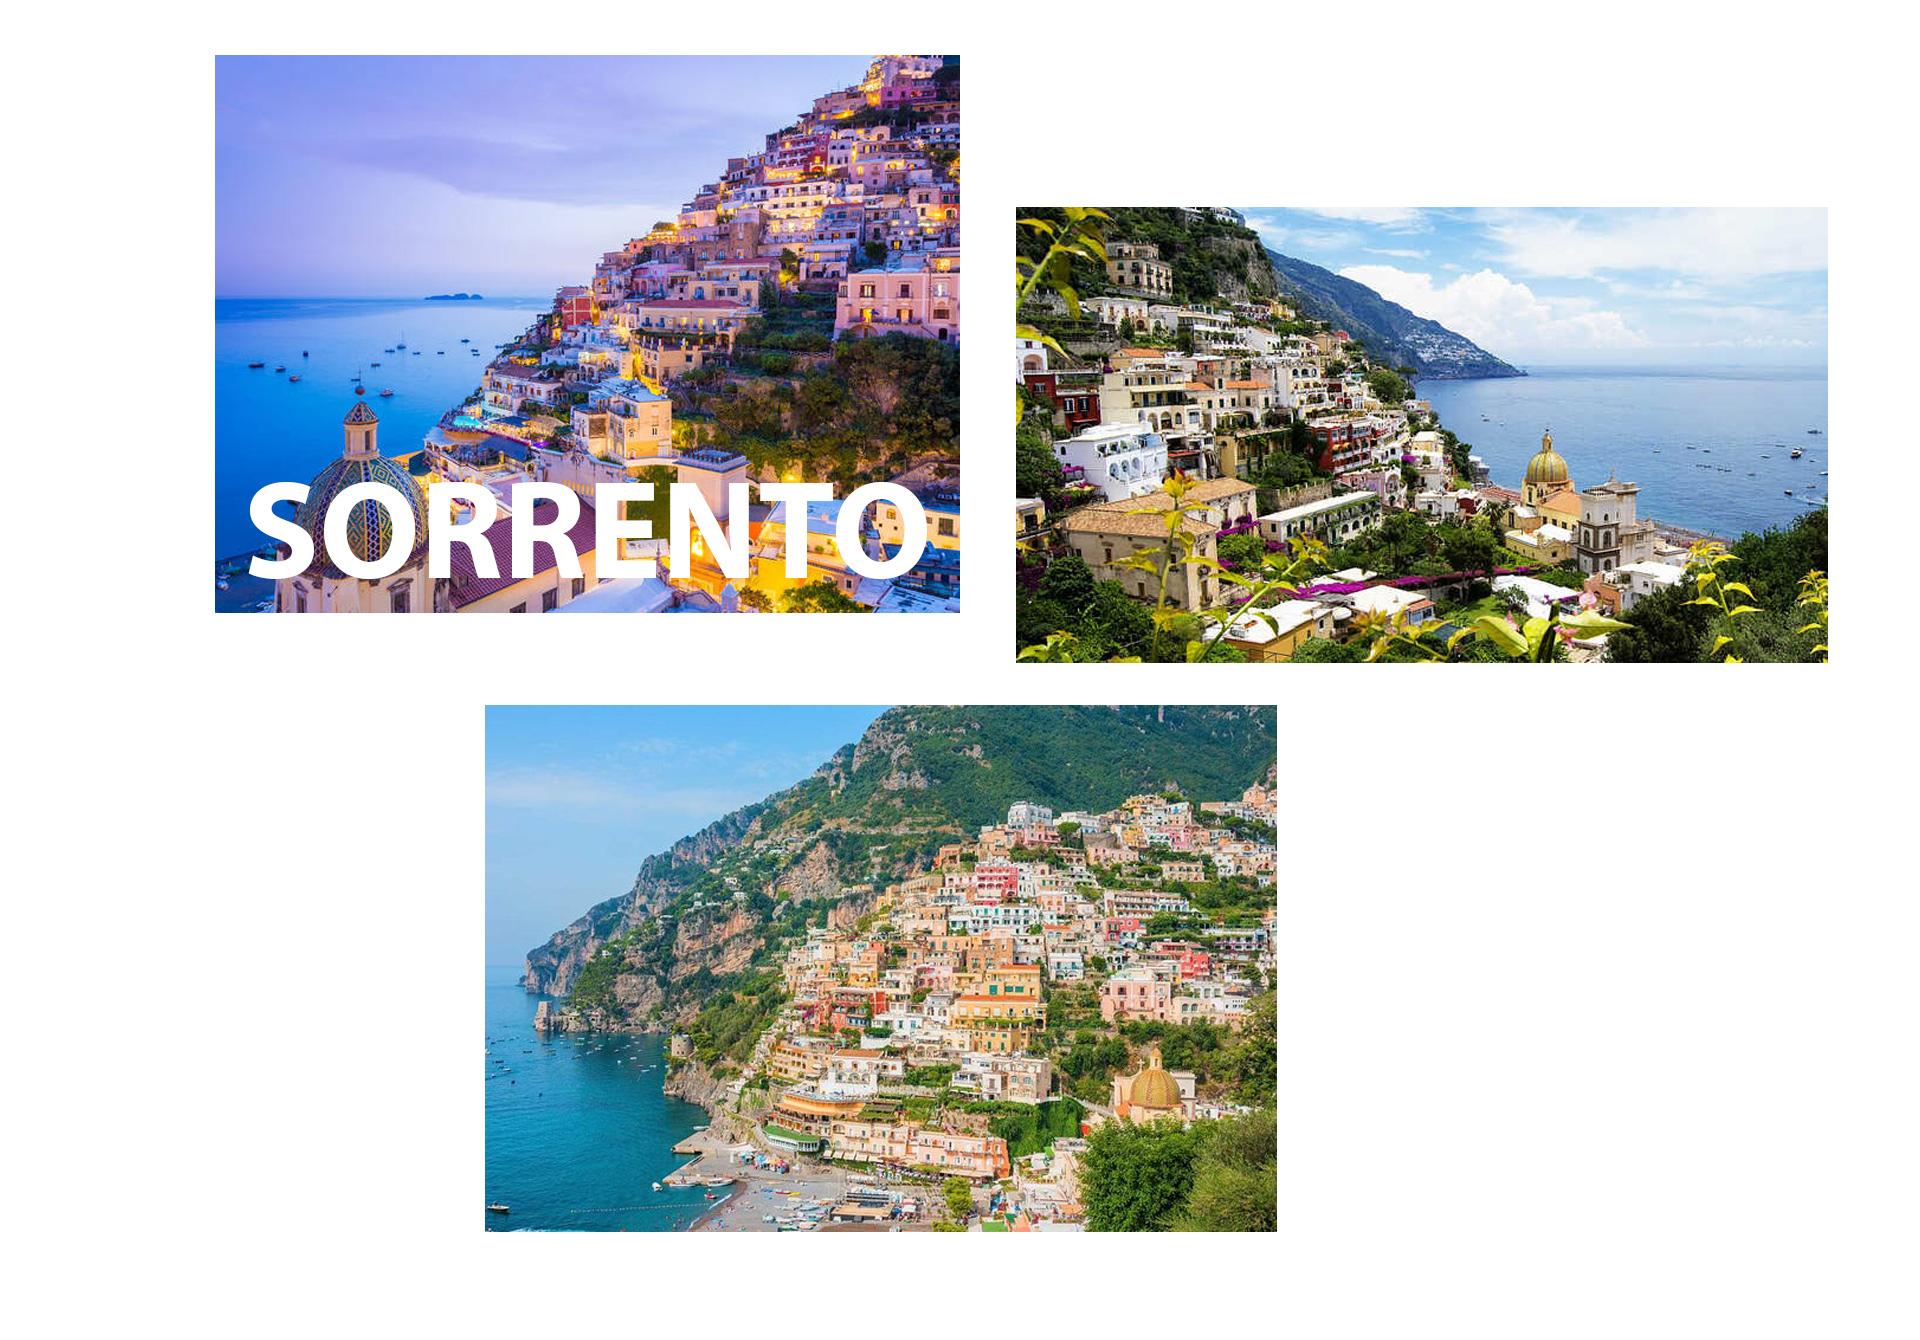 Những điểm đến tuyệt vời nhất nước Ý bạn nên đến 1 lần trong đời - 11